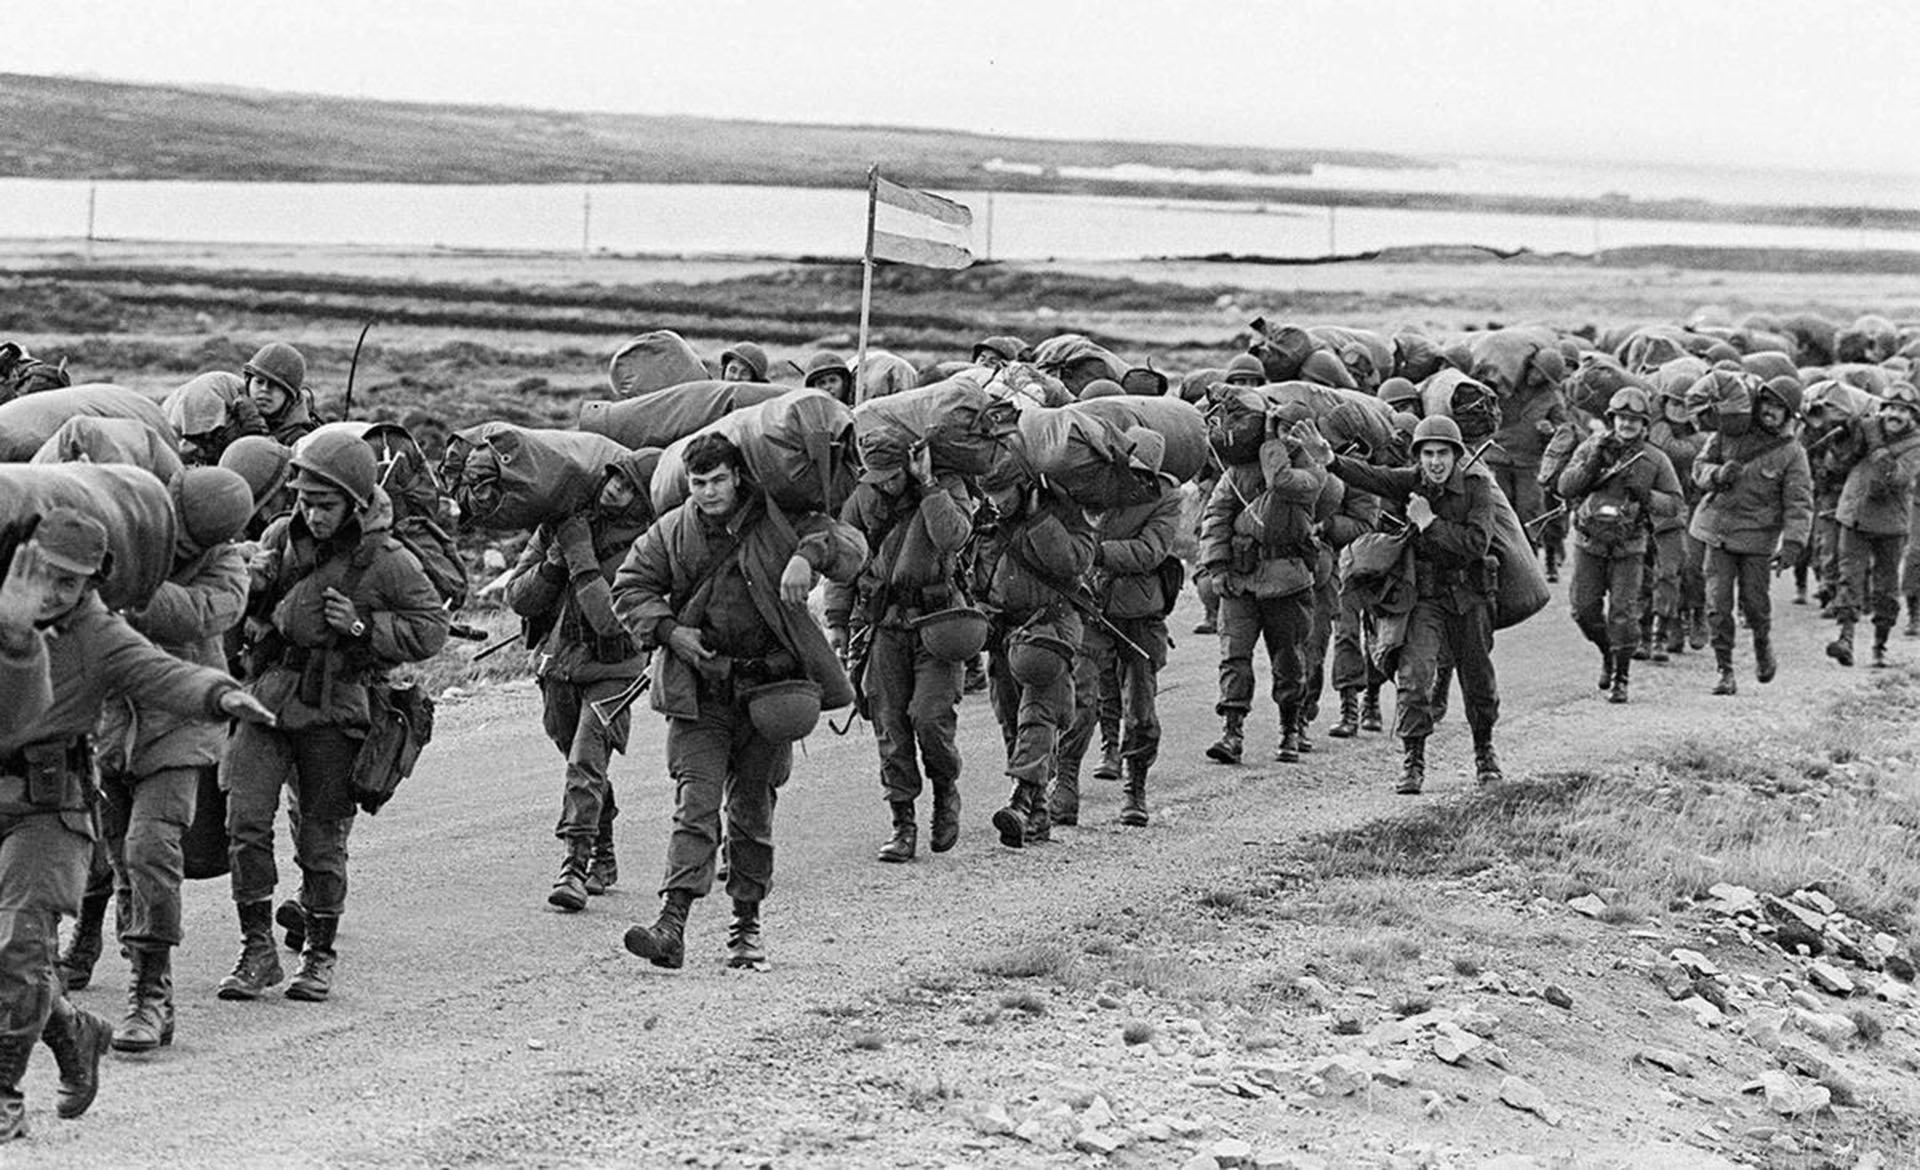 El  14 de junio de 1982, las fuerzas argentinas se retiraron de las Islas  Malvinas después de haber sido derrotadas por las tropas británicas